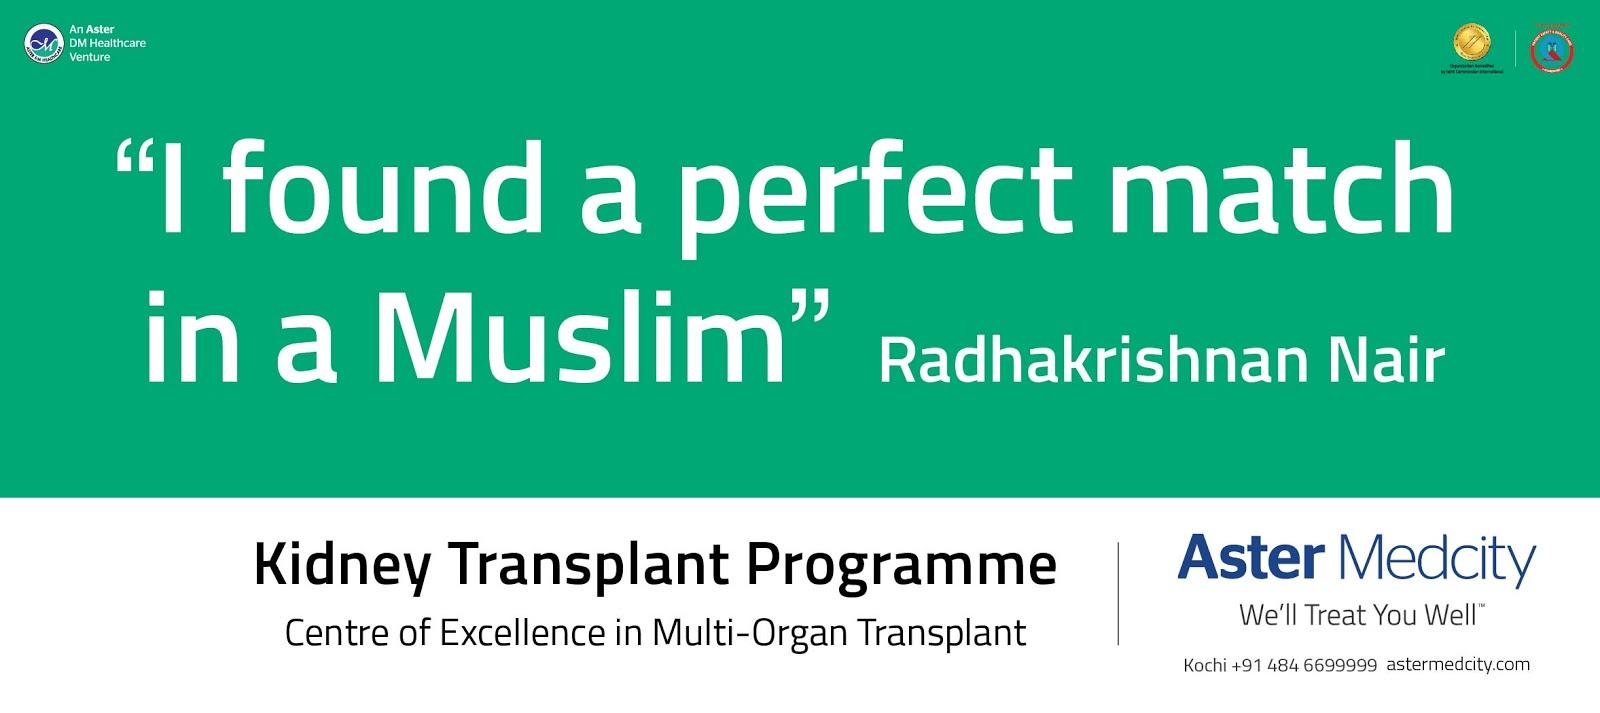 Aster Medcity - Multi Organ Transplant   Print mock-up 2   Stark Communications Pvt Ltd